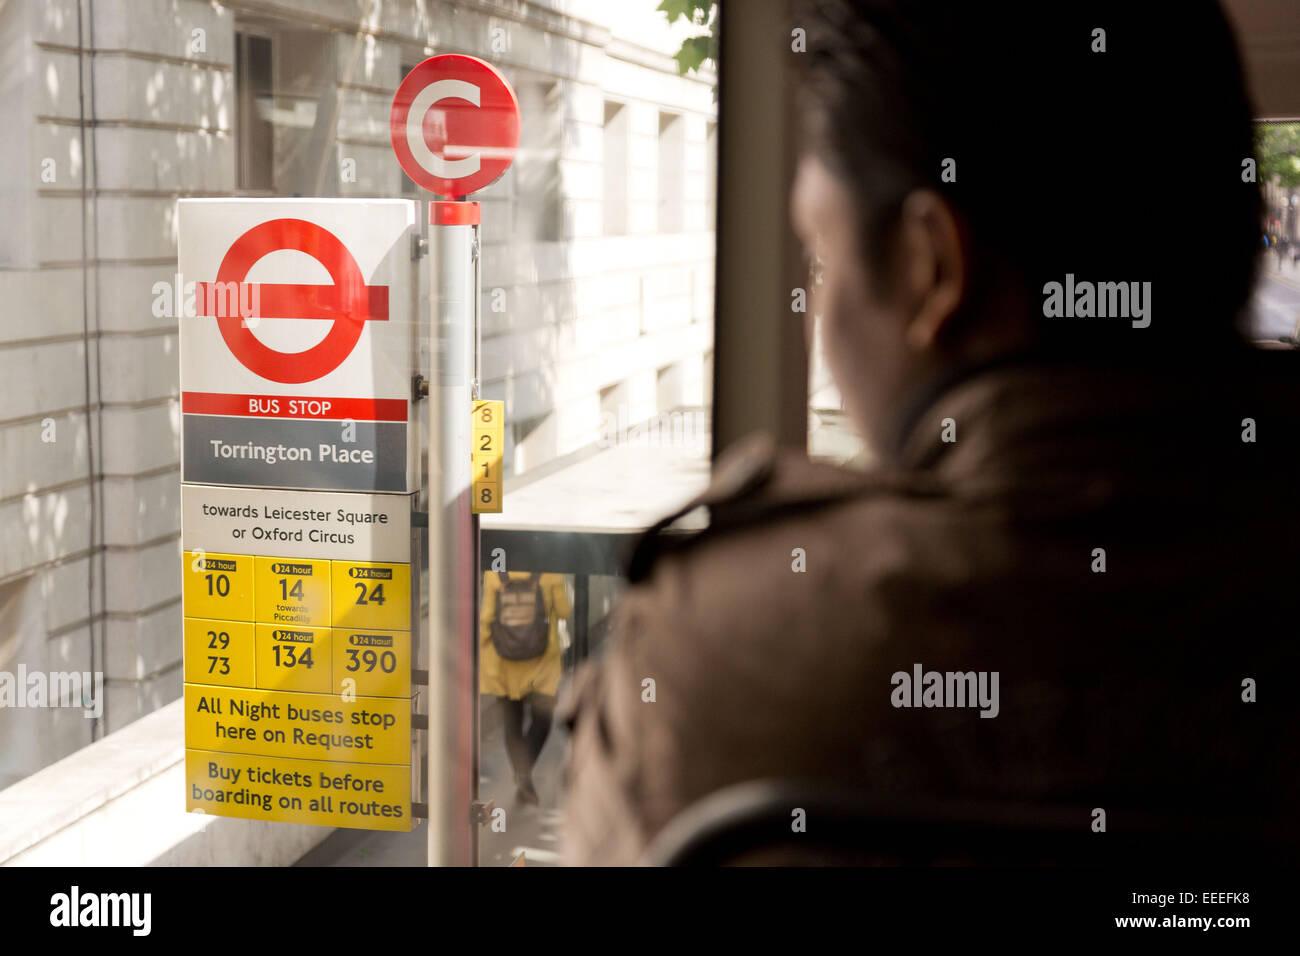 Passagiere können leicht vom Oberdeck Bushaltestelle Fahnen lesen. Stockbild